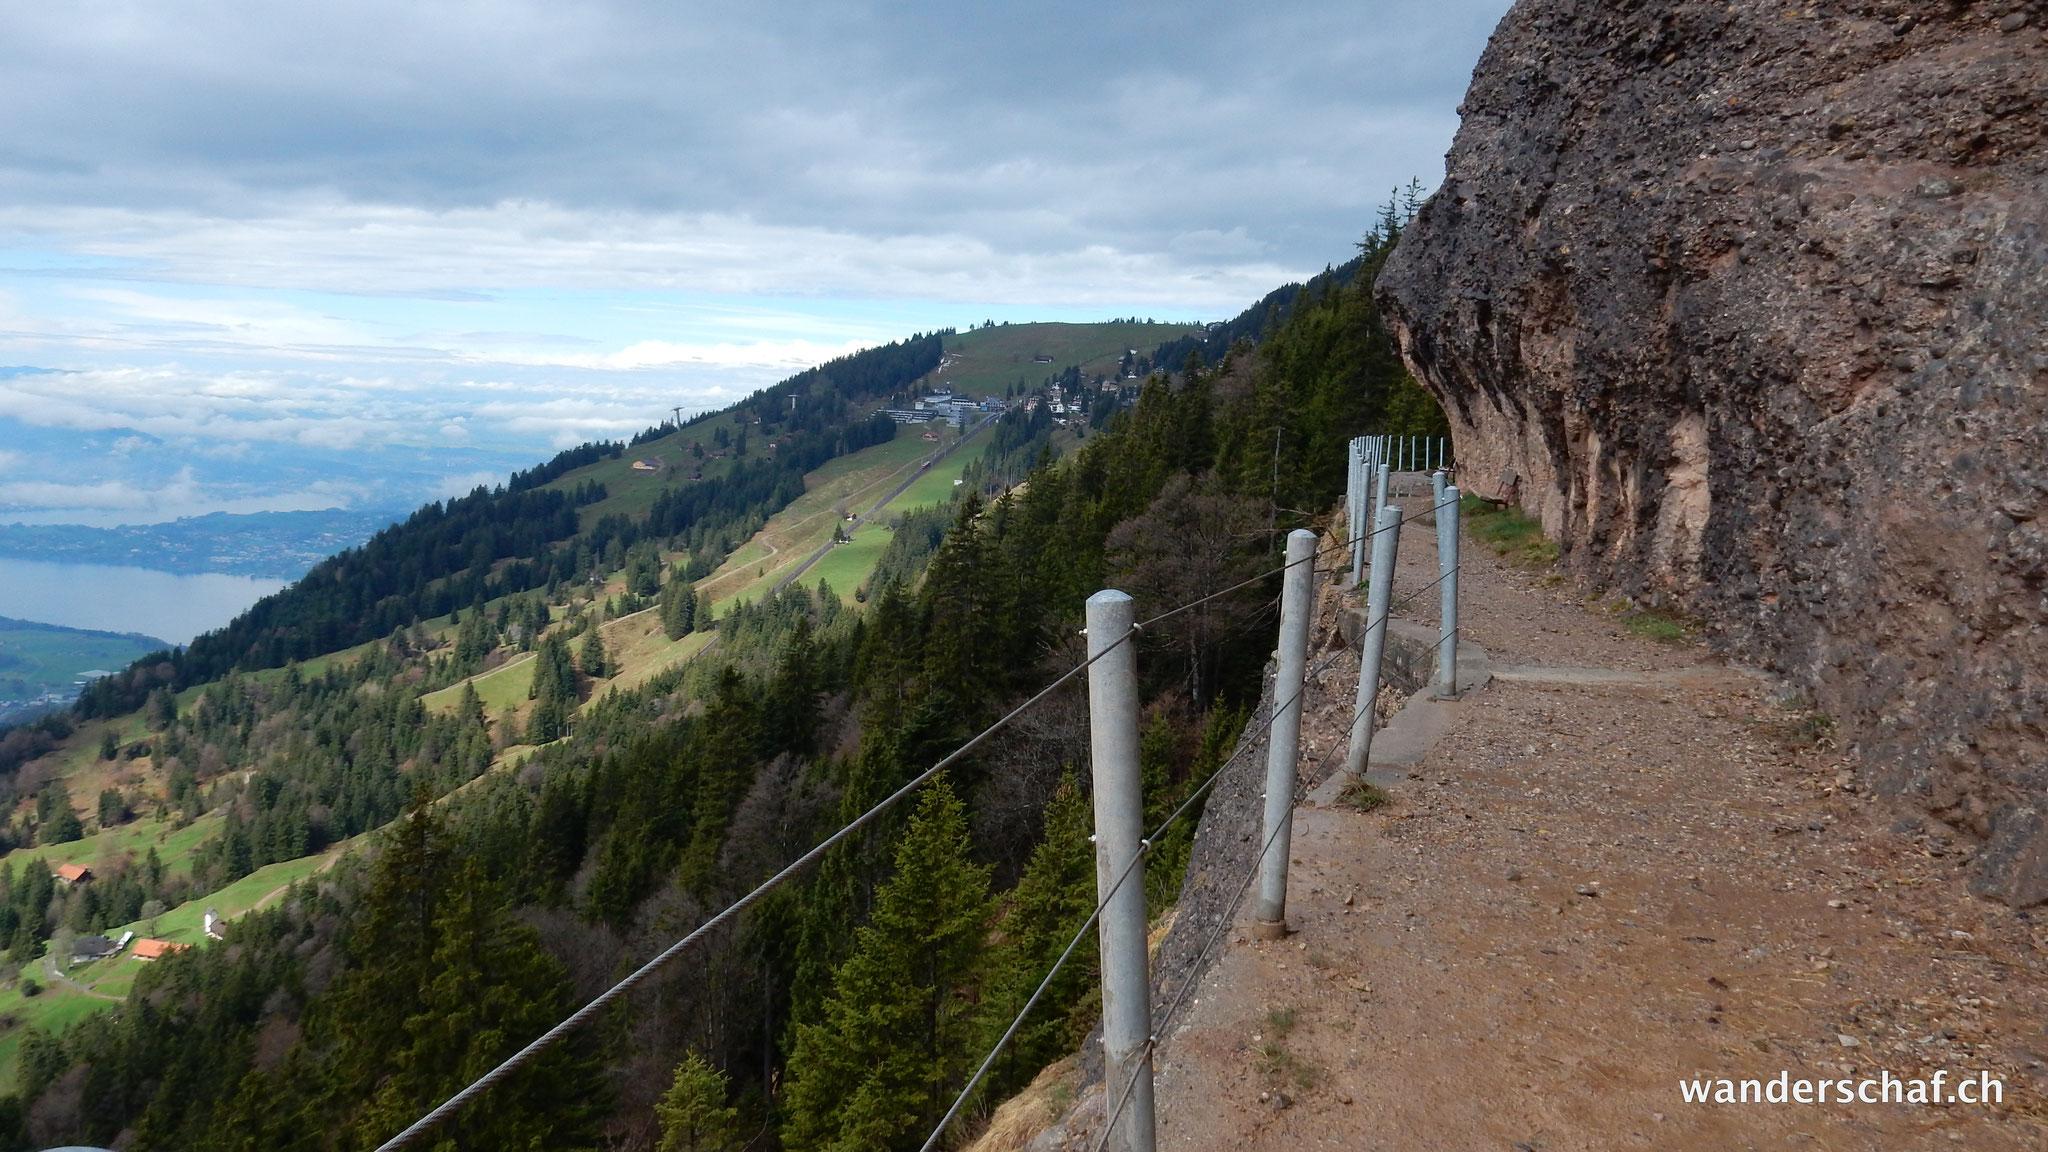 Blick zurück Richtung Kaltbad